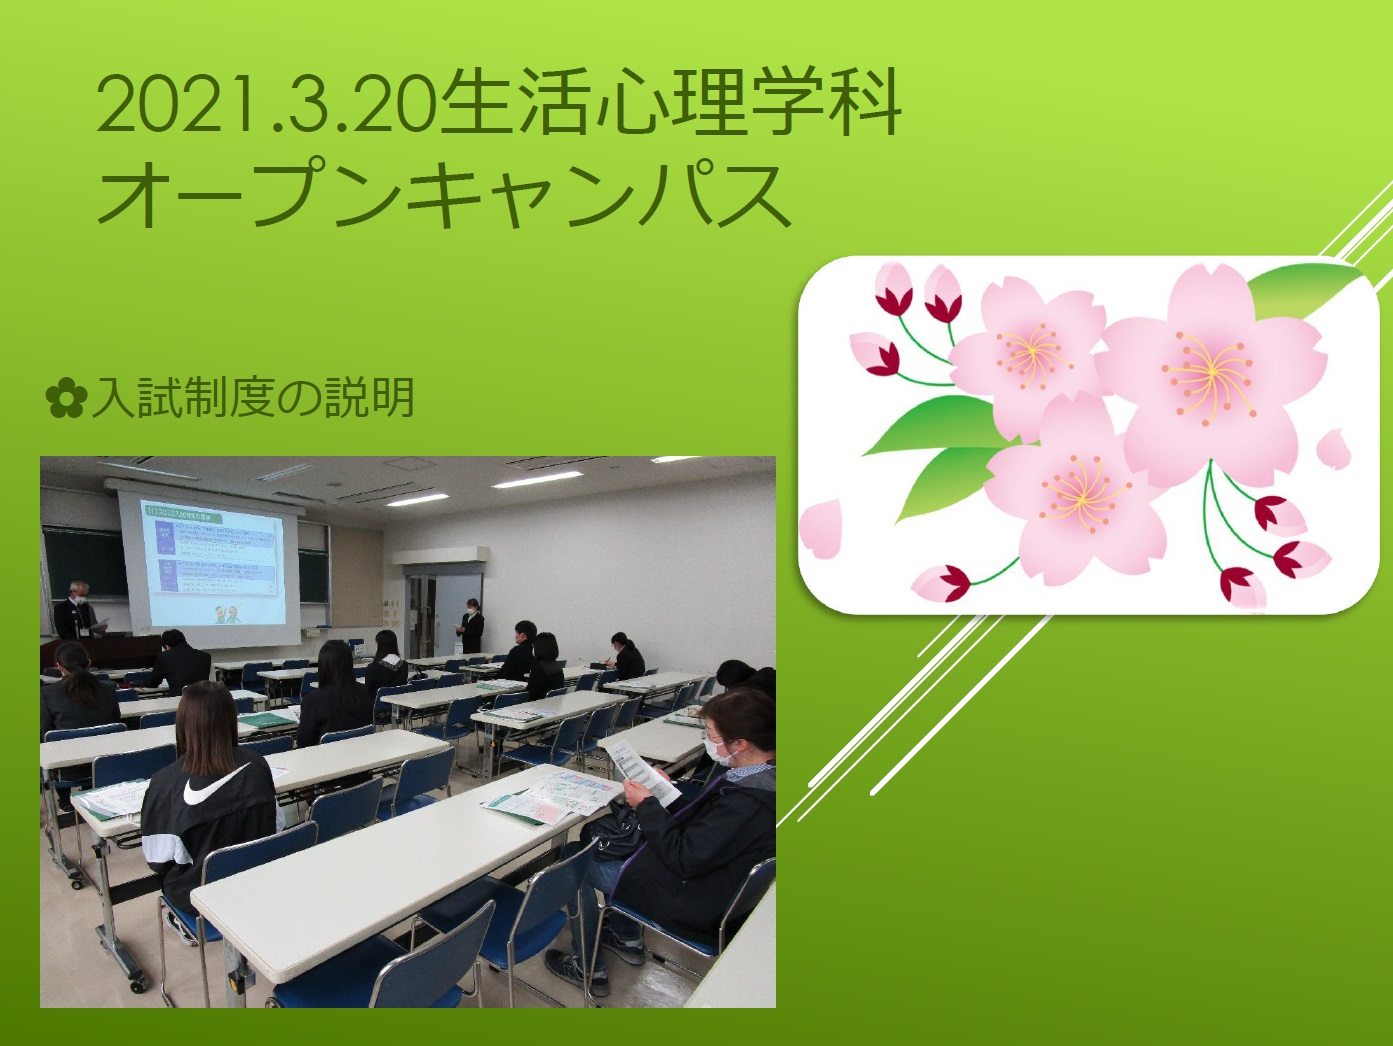 生心2021.3.20-1